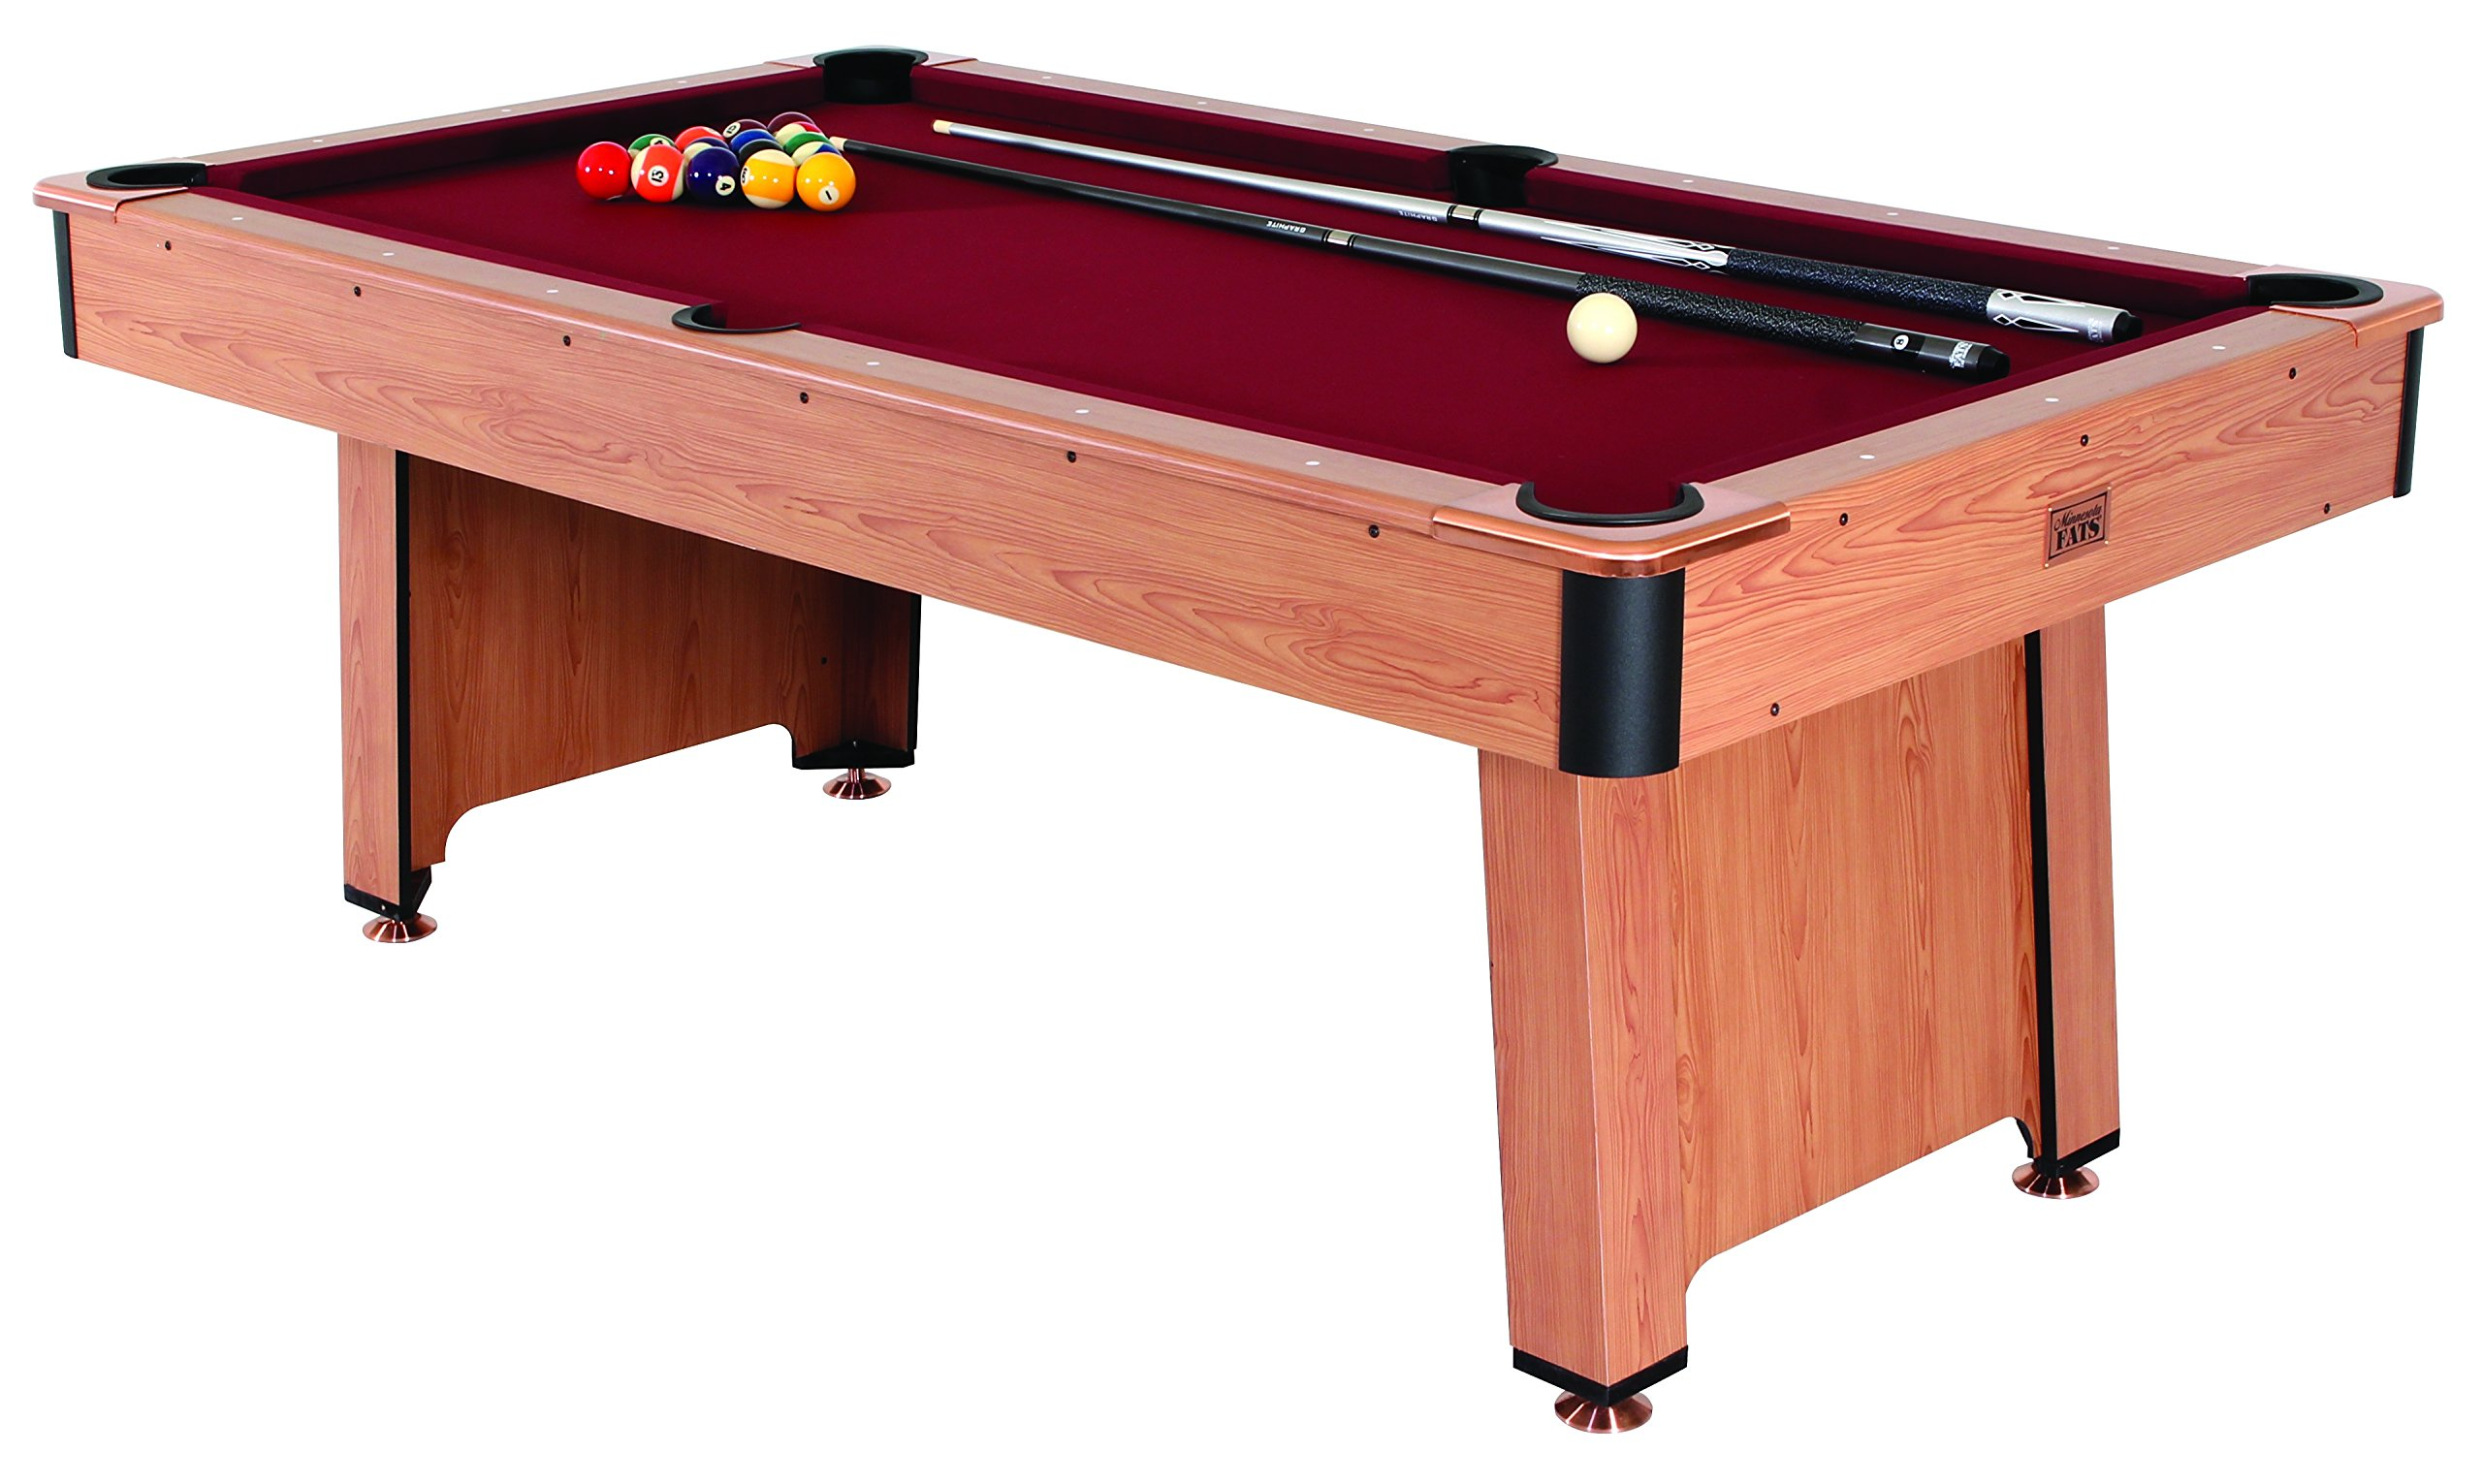 Minnesota Fats 6.5' Fairfax Billiard Table